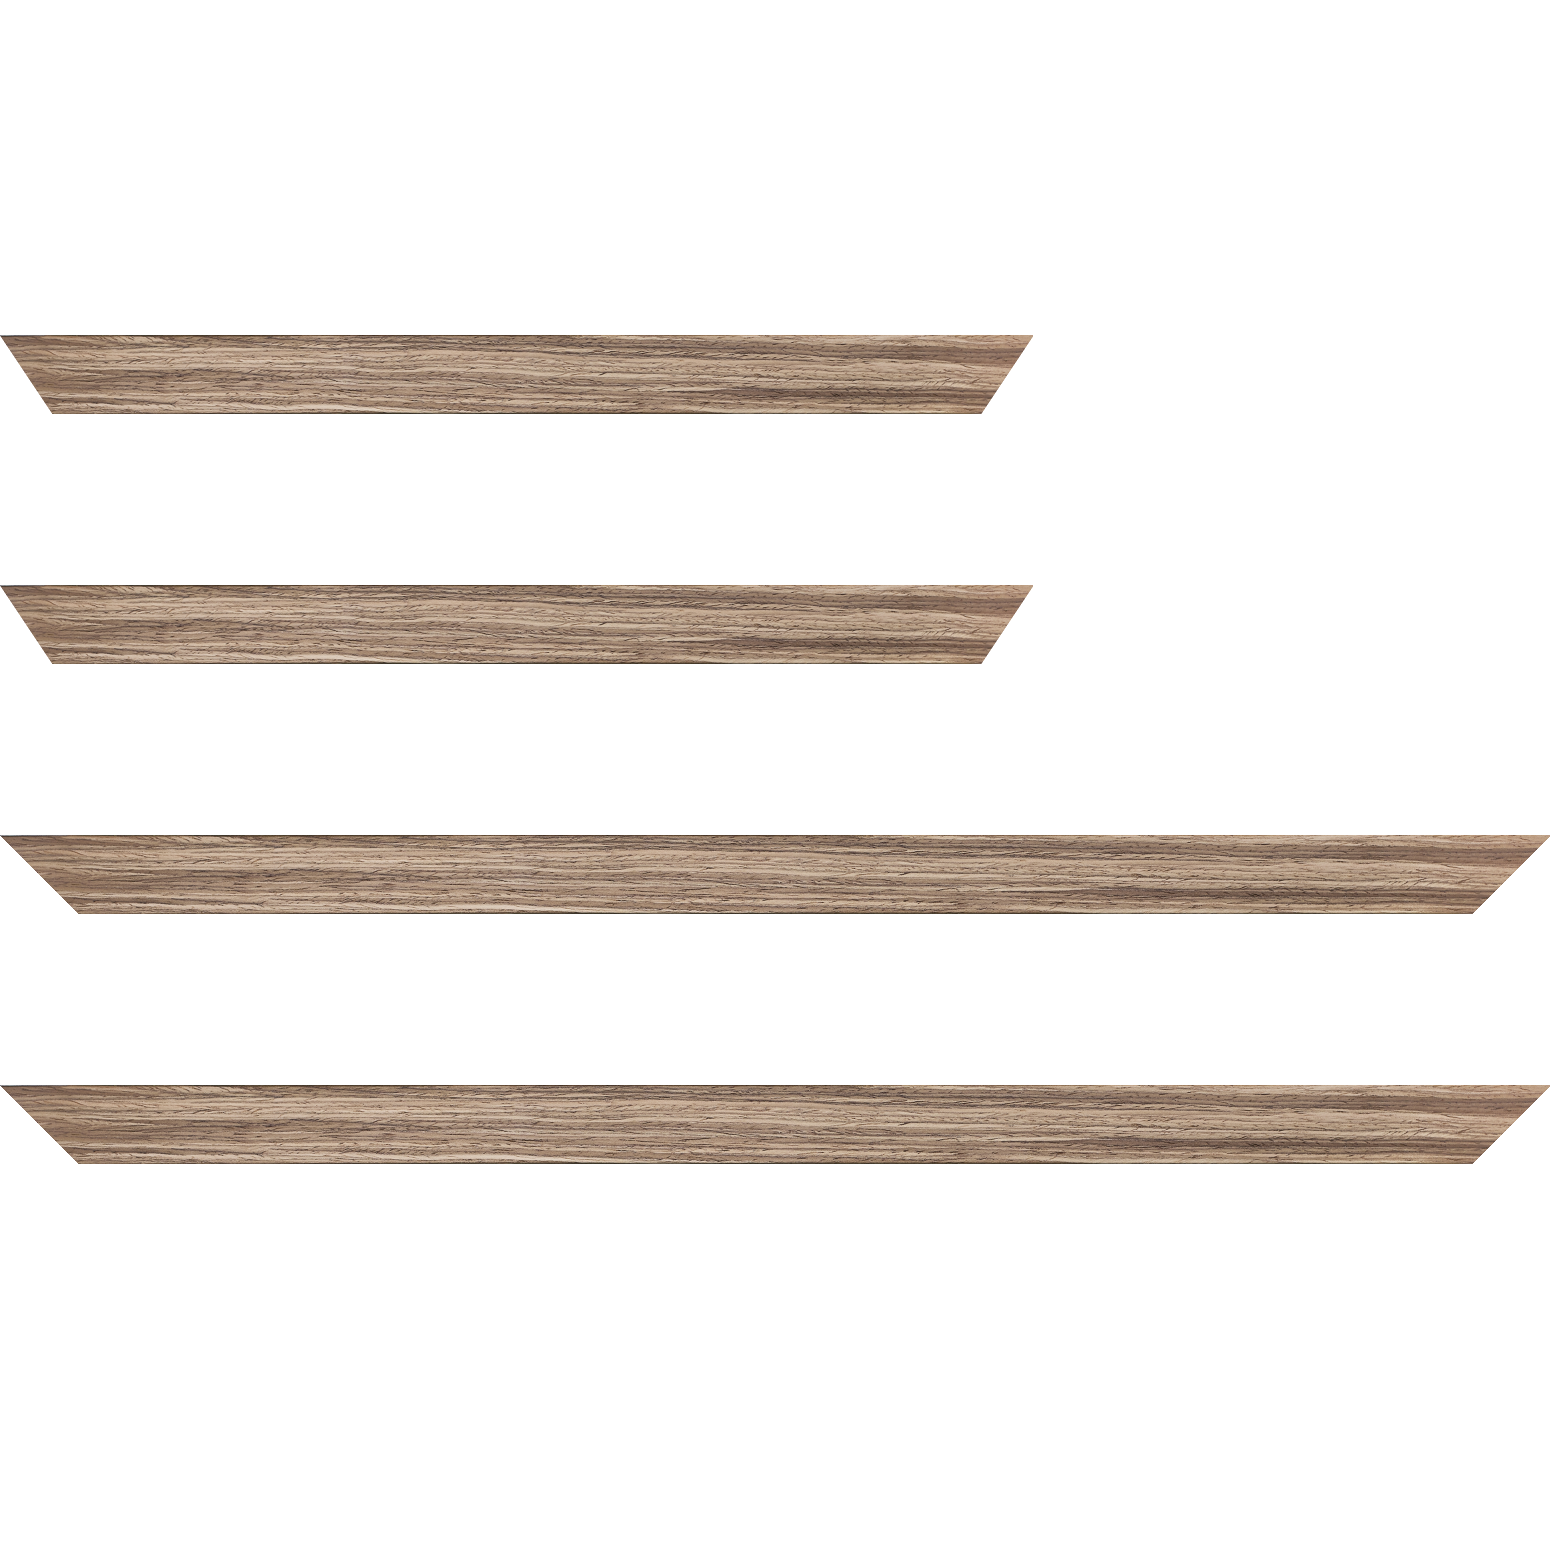 Baguette service précoupé Bois profil plat largeur 2.5cm plaquage noyer haut de gamme